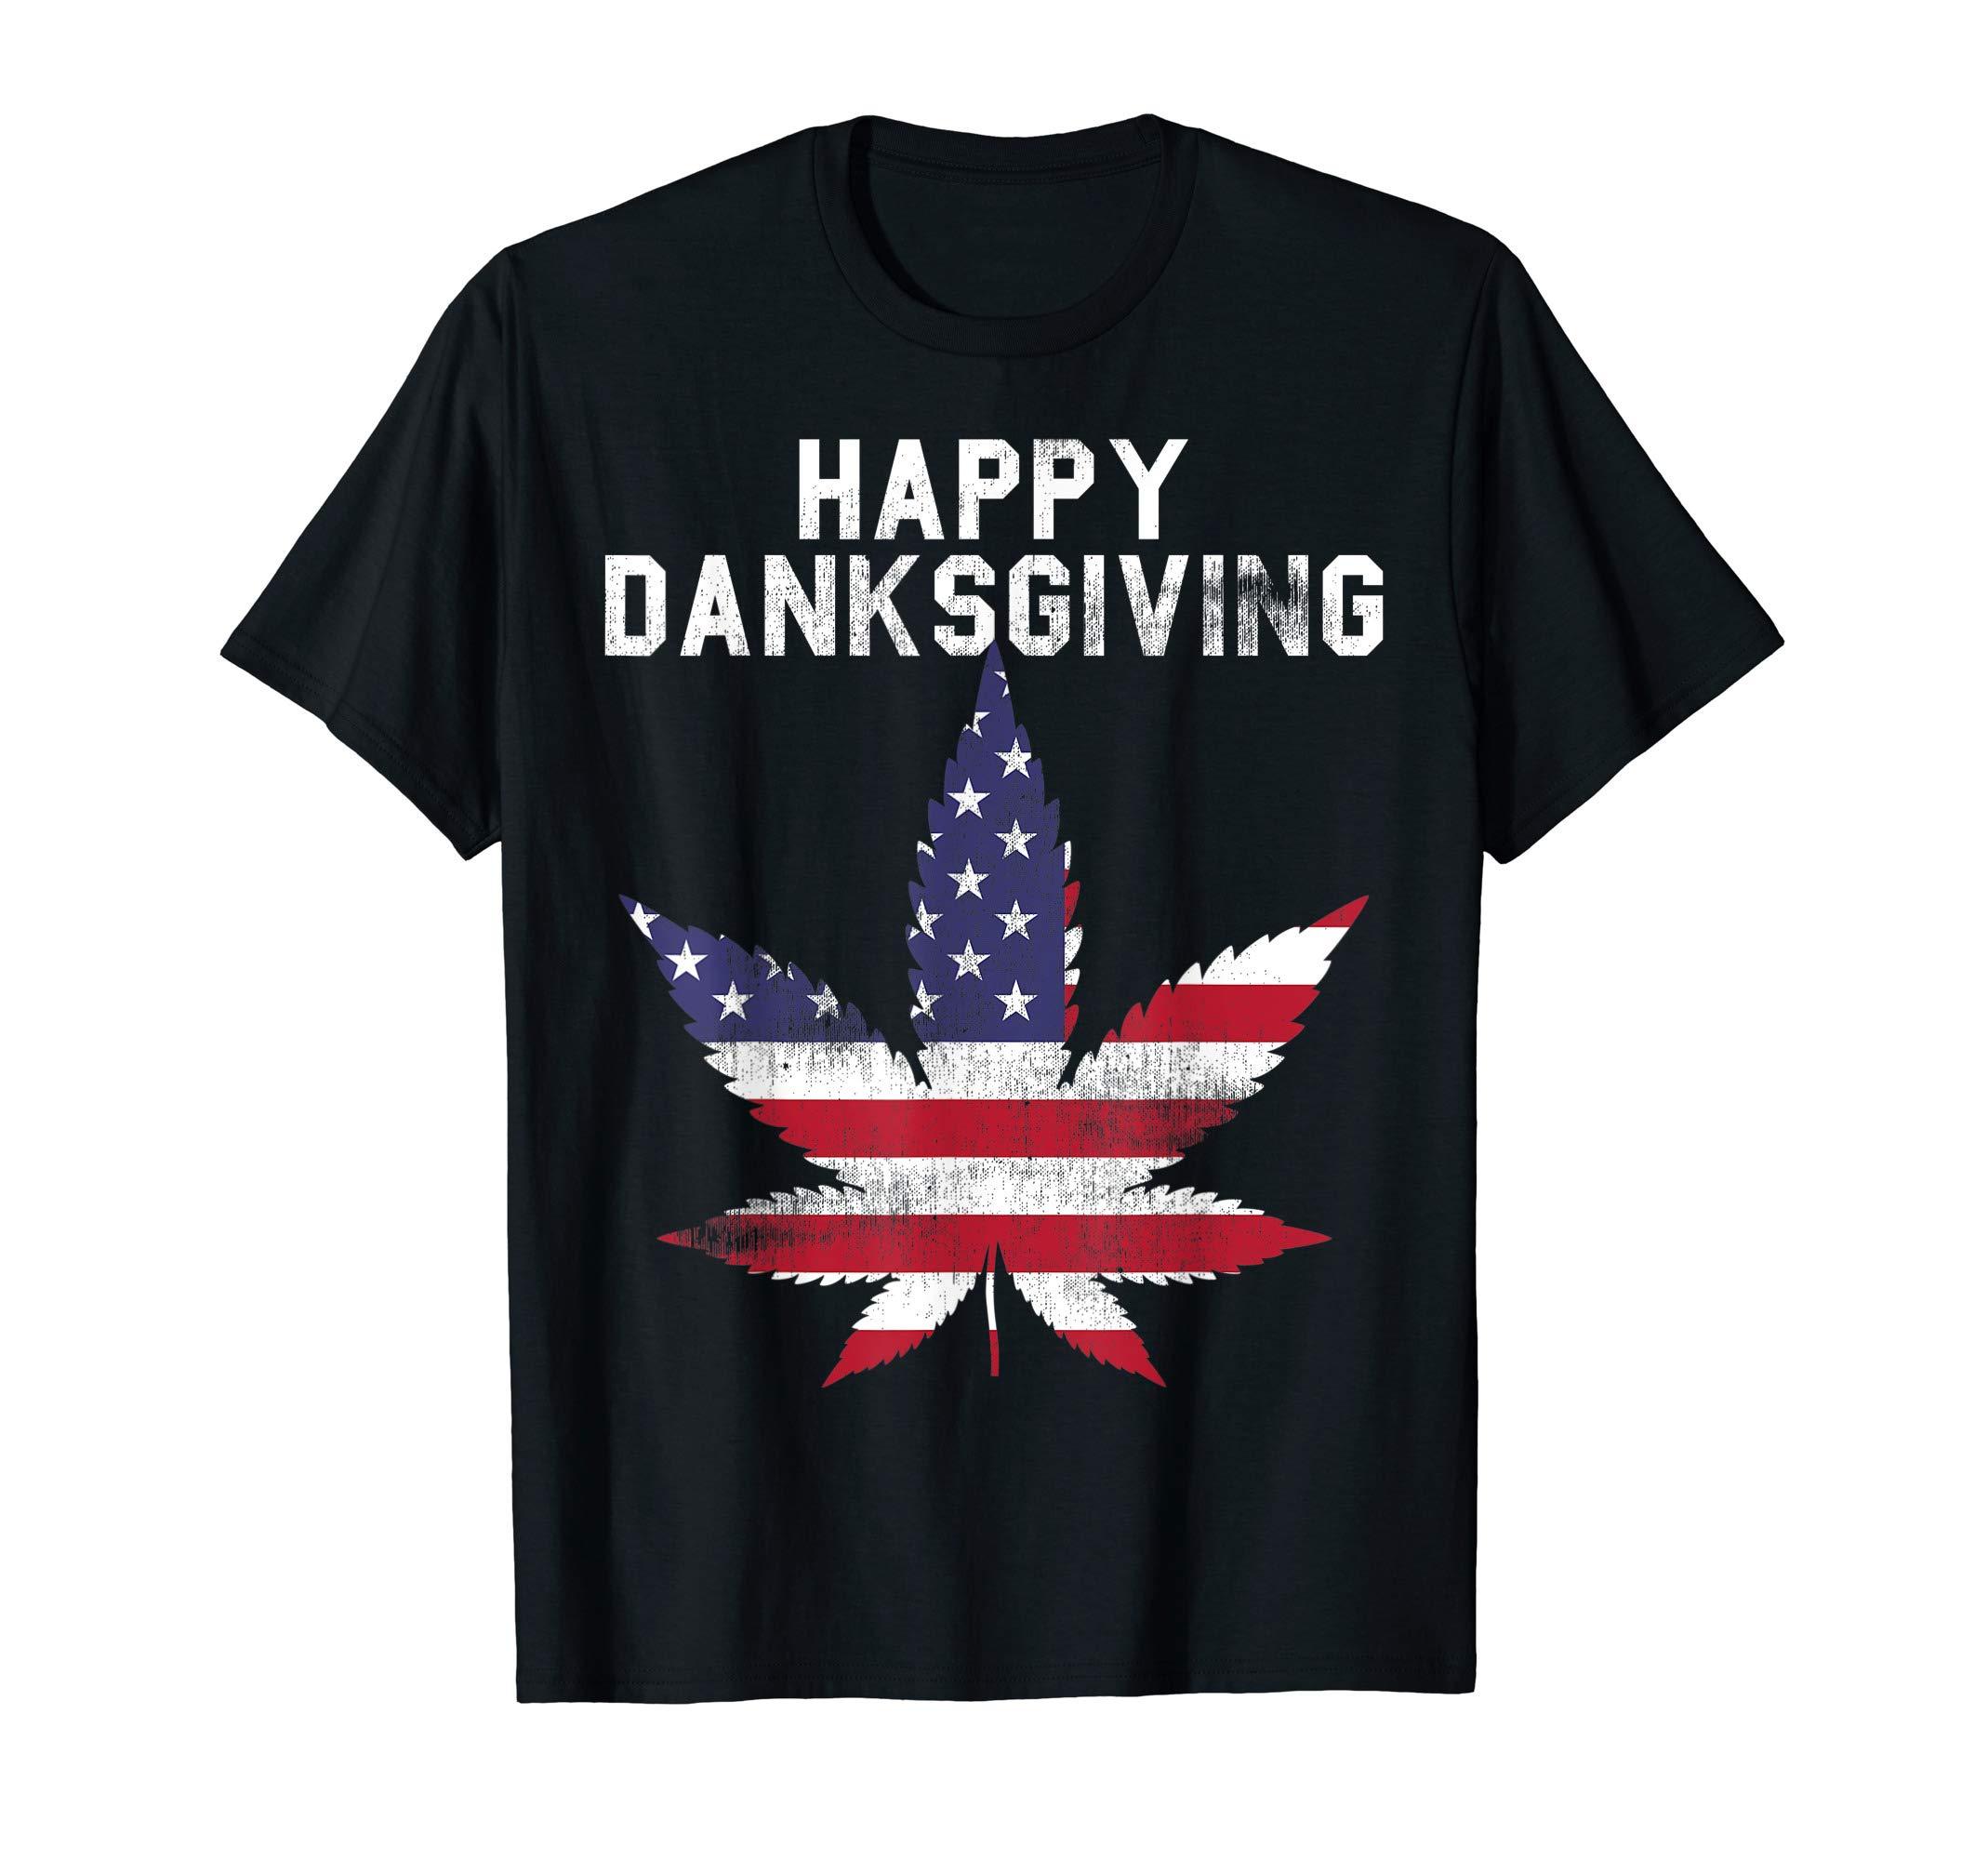 THANKSGIVING FUNNY HAPPY DANKSGIVING WEED MARIJUANA DANK IRE T-Shirt